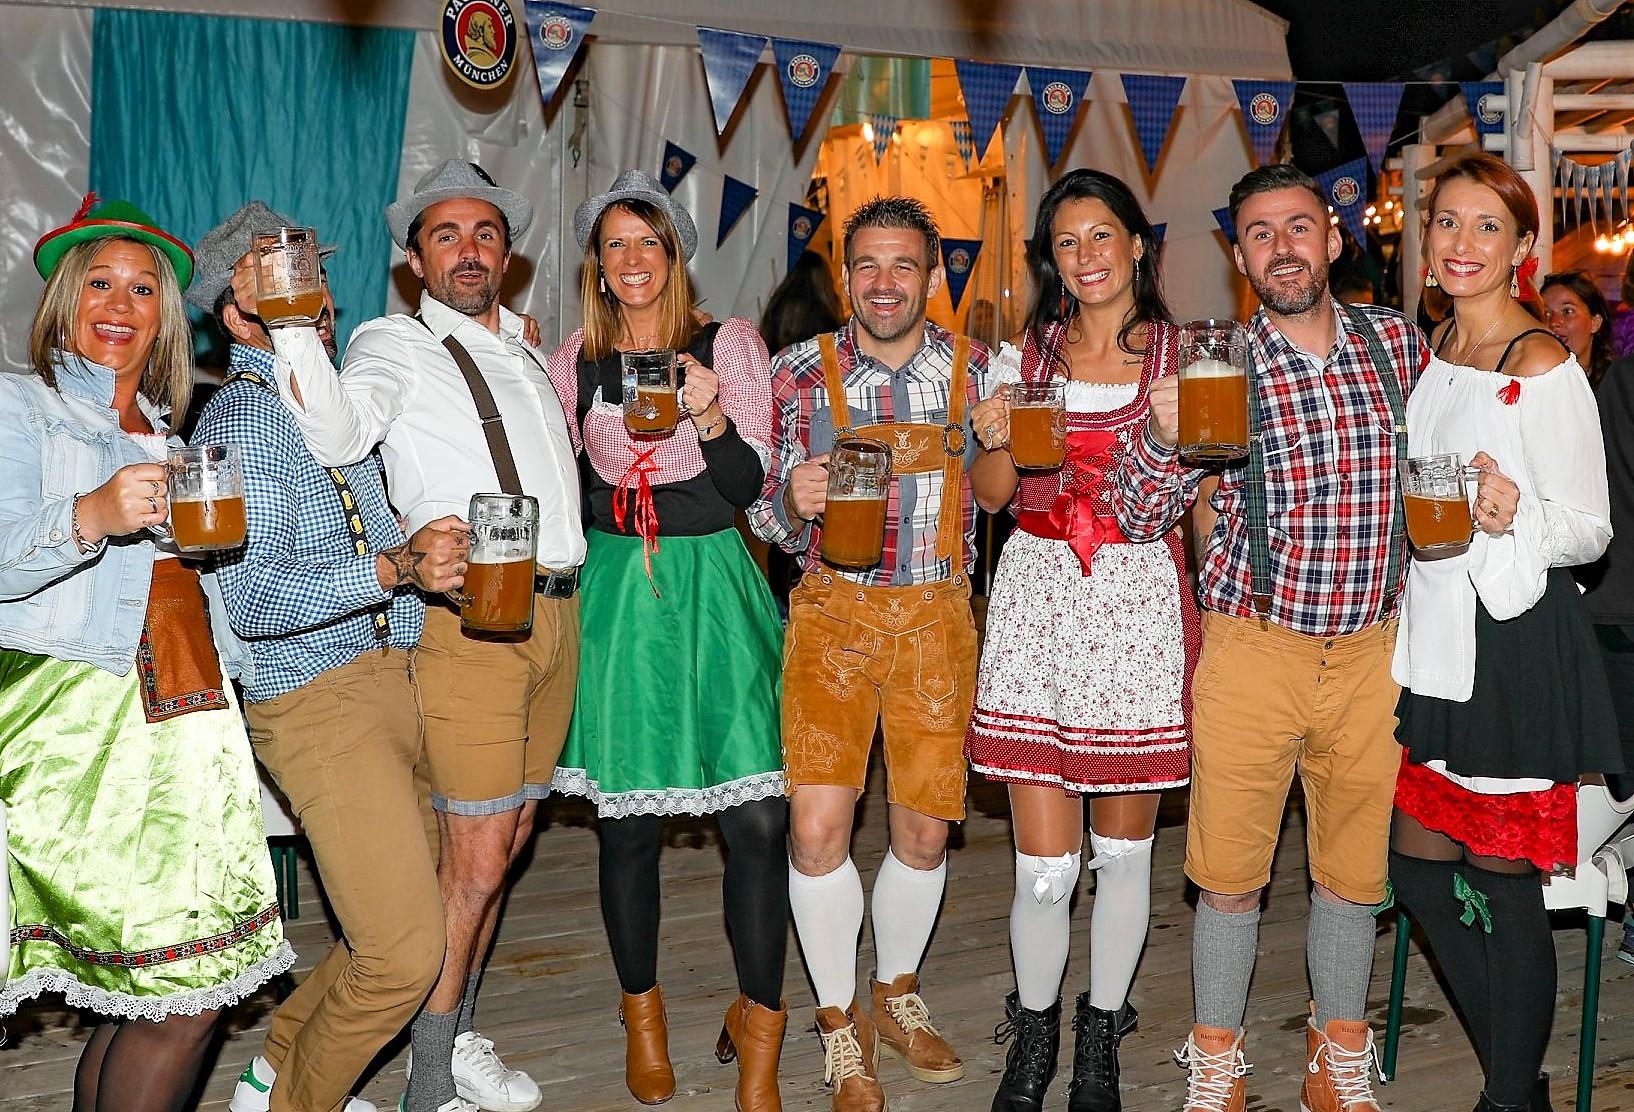 Oktobertfest va aterrar al Tarter al restaurant The Boss Après ski del 15 al 17 d'octubre, per seguir gaudint d'aquesta gran festa. El nostre objectiu és esdevenir el millor après-ski d'Andorra.